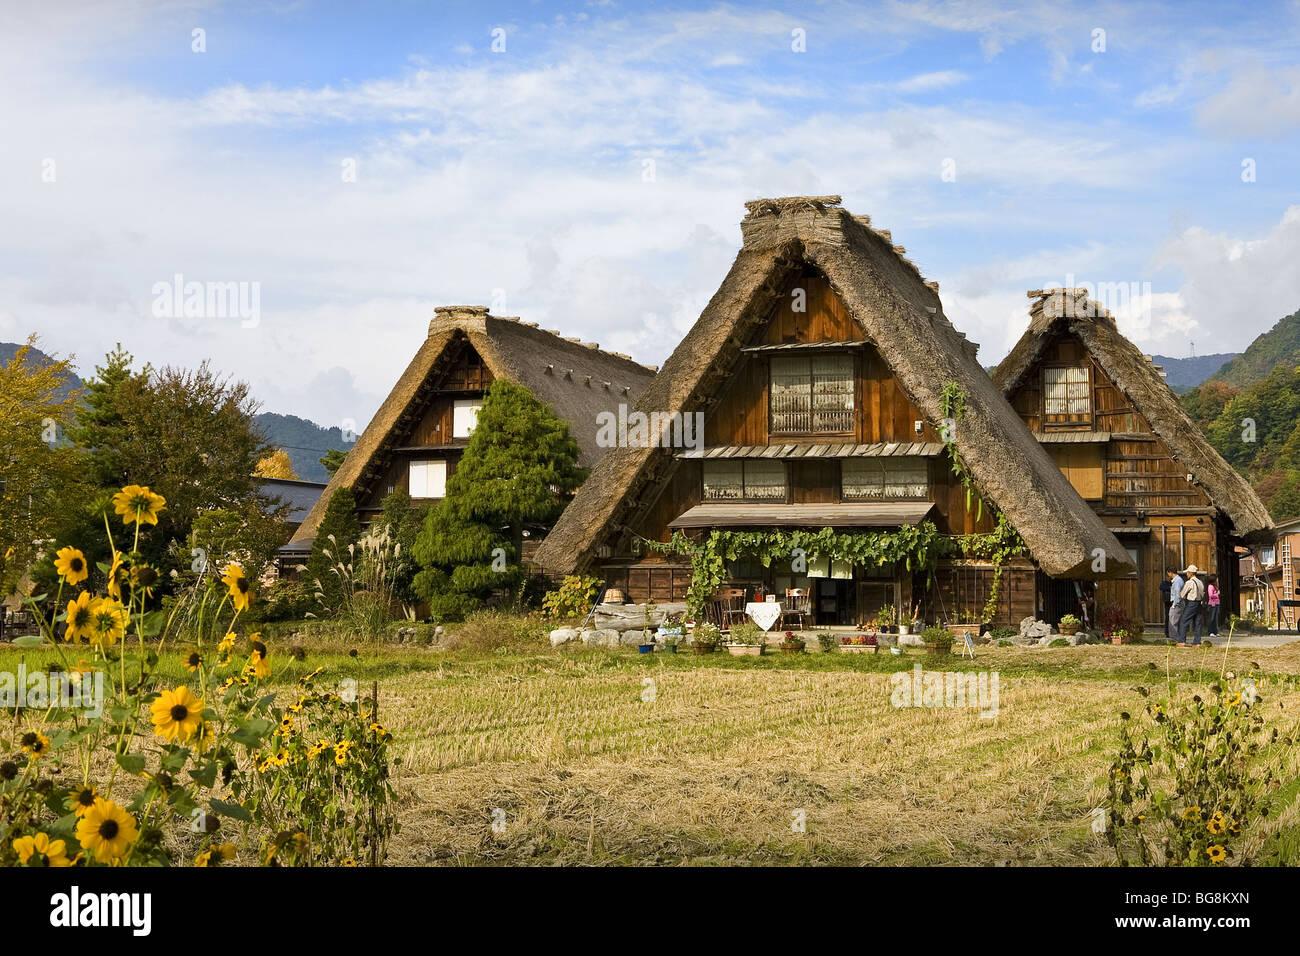 Traditionelle japanische Häuser im Stil namens \